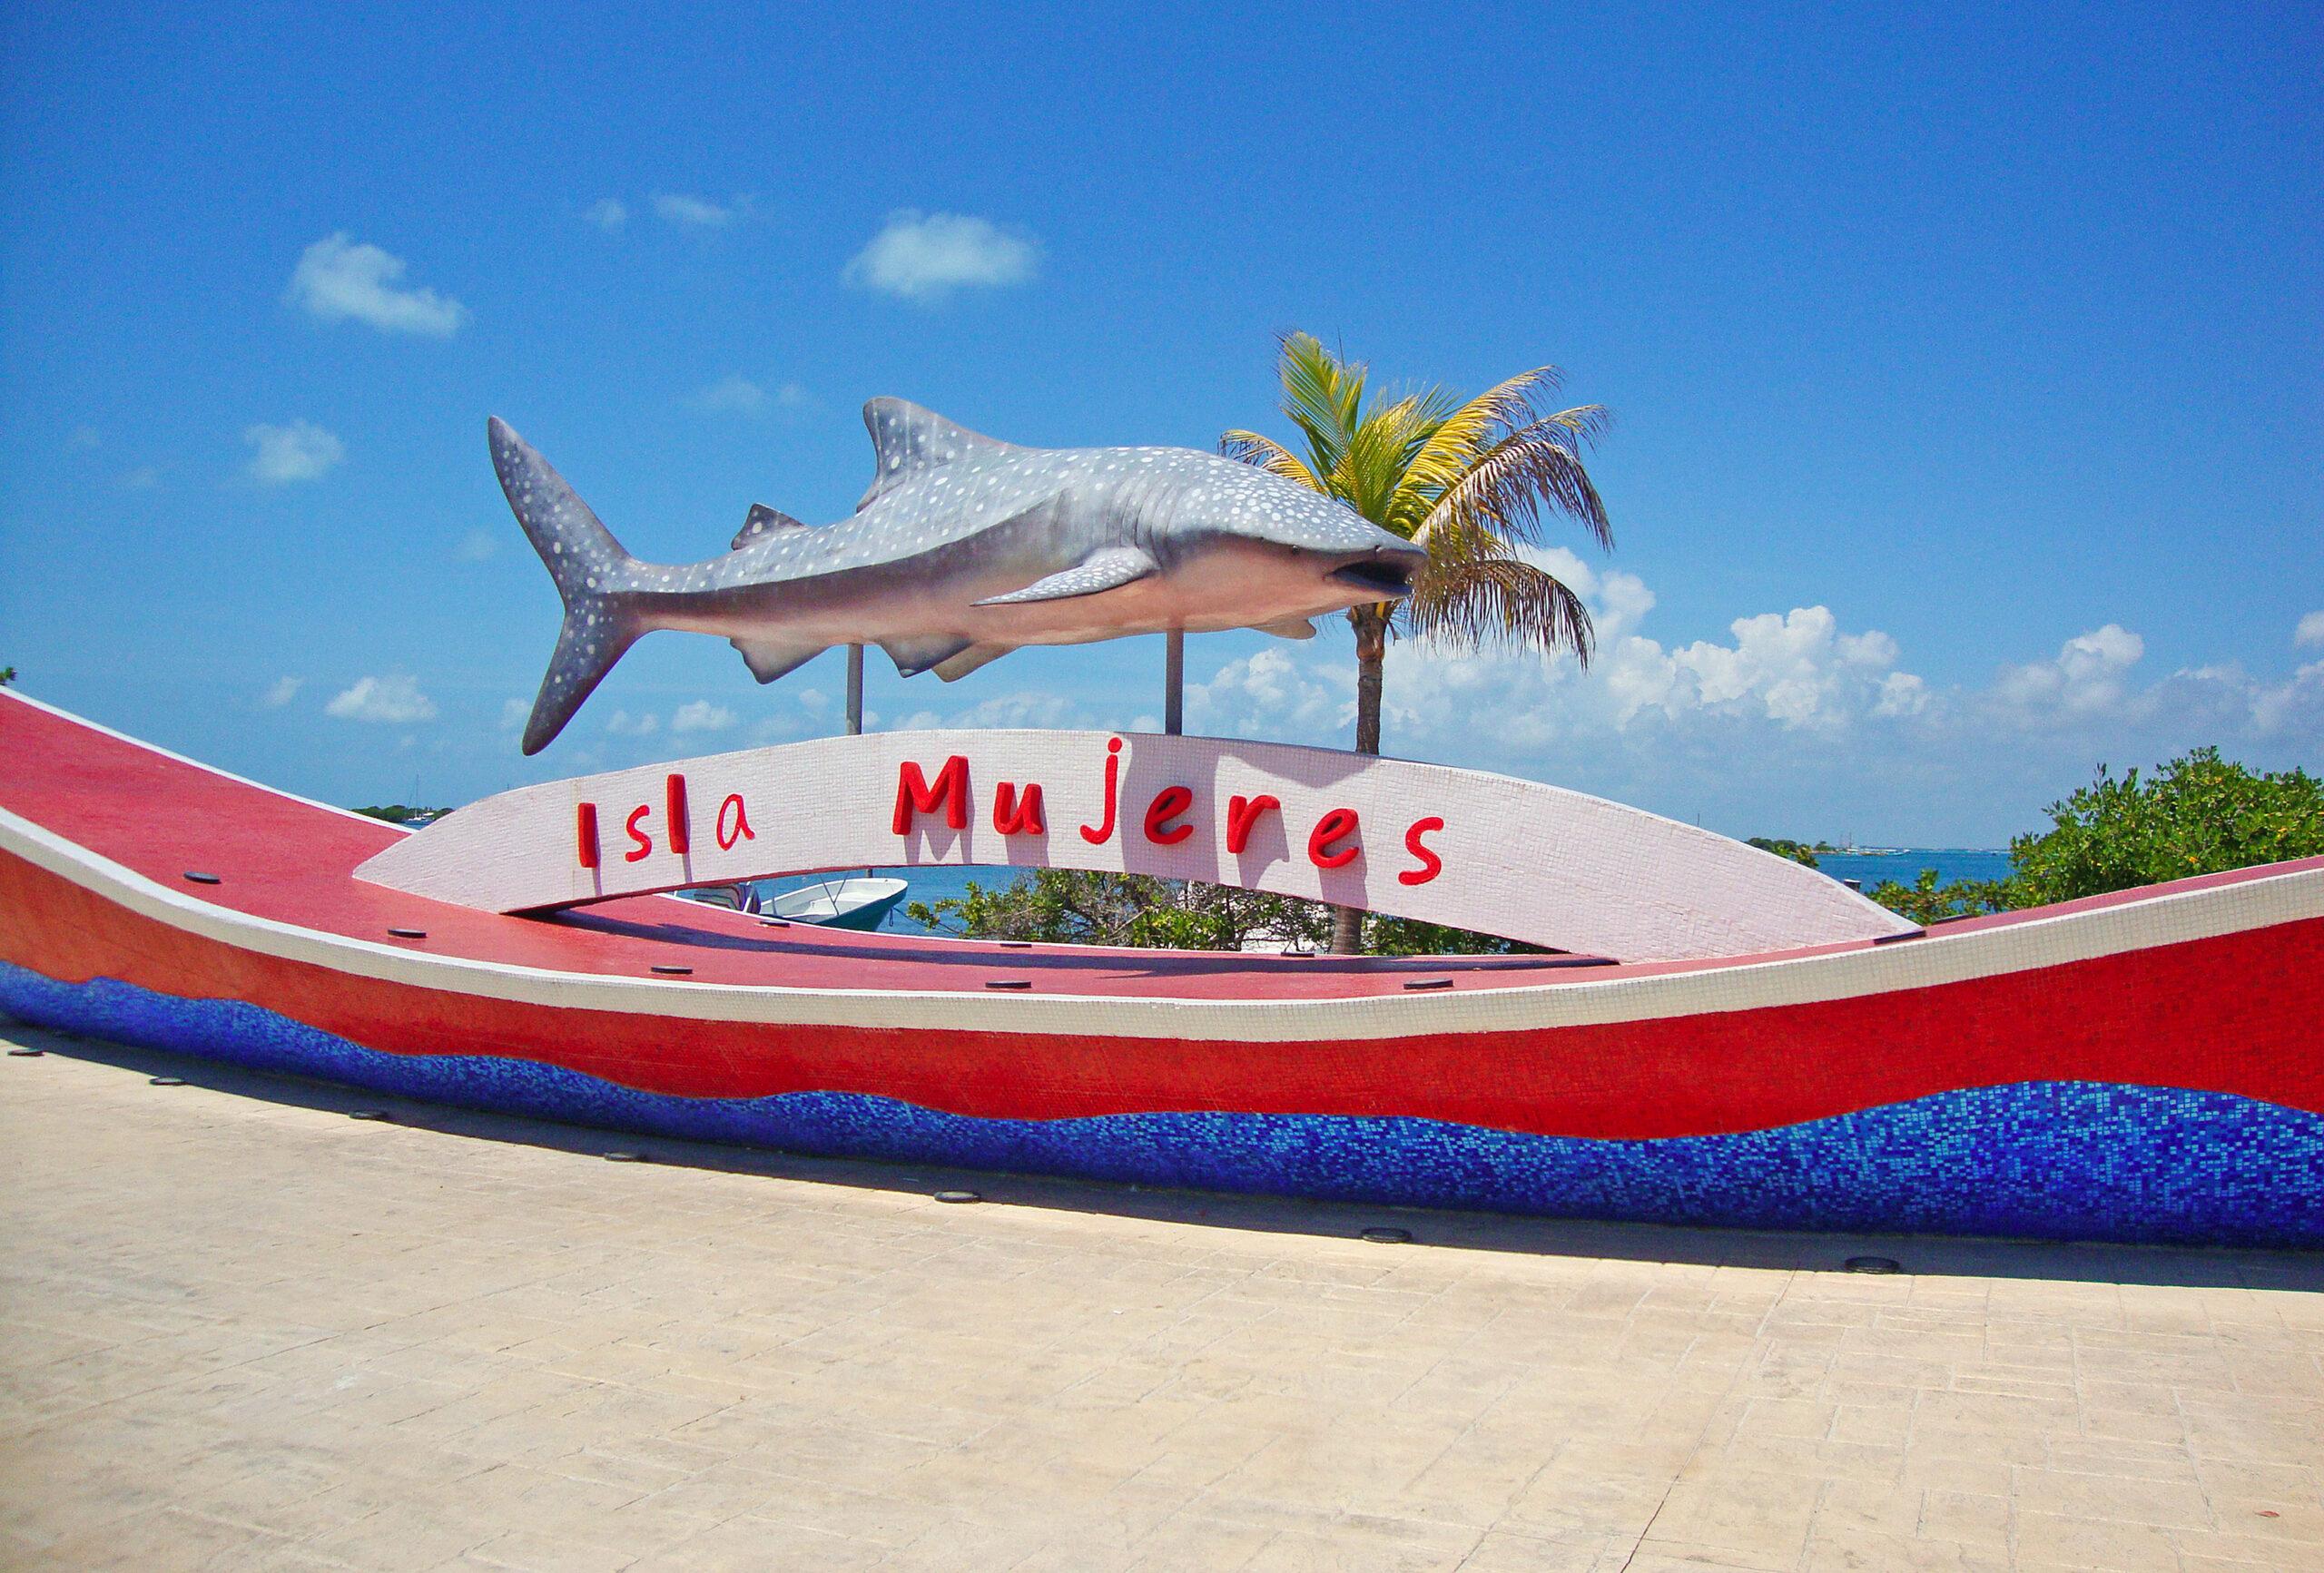 Imagen de Isla Mujeres, fuente de la imagen por Bernard Dupont.